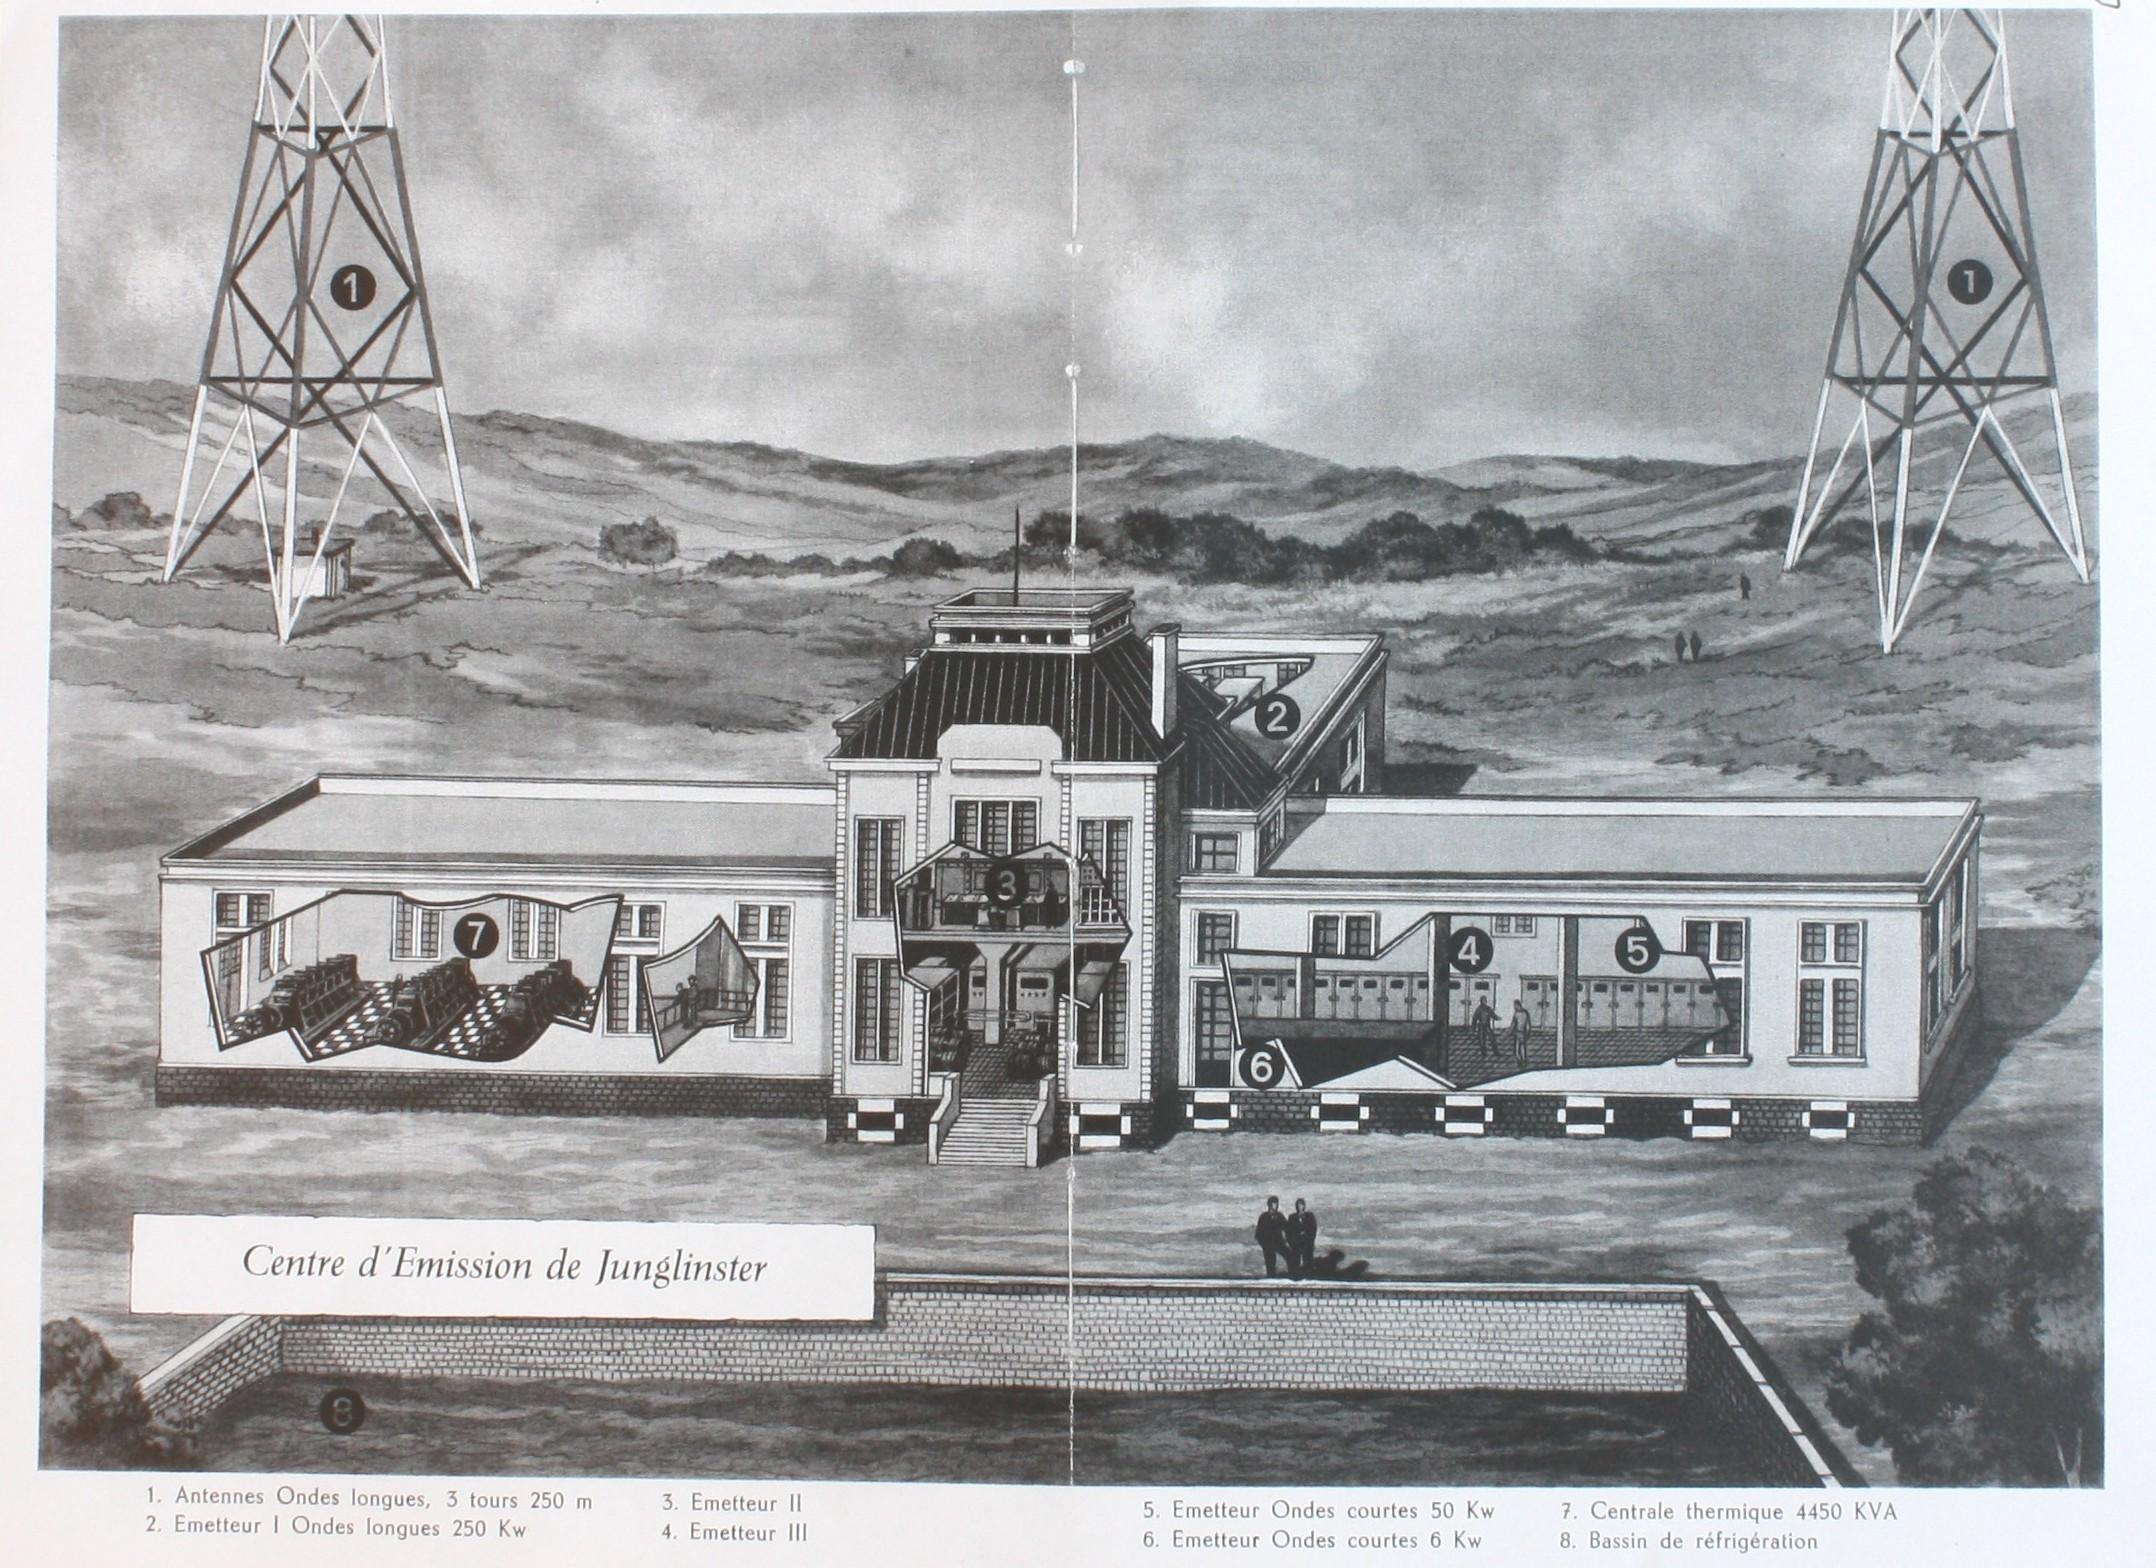 Source: Robert Tabuis, Au carrefour de l'Europe. Radio, Télé Luxembourg, Compagnie luxembourgeoise de Télédiffusion:Paris 1962.